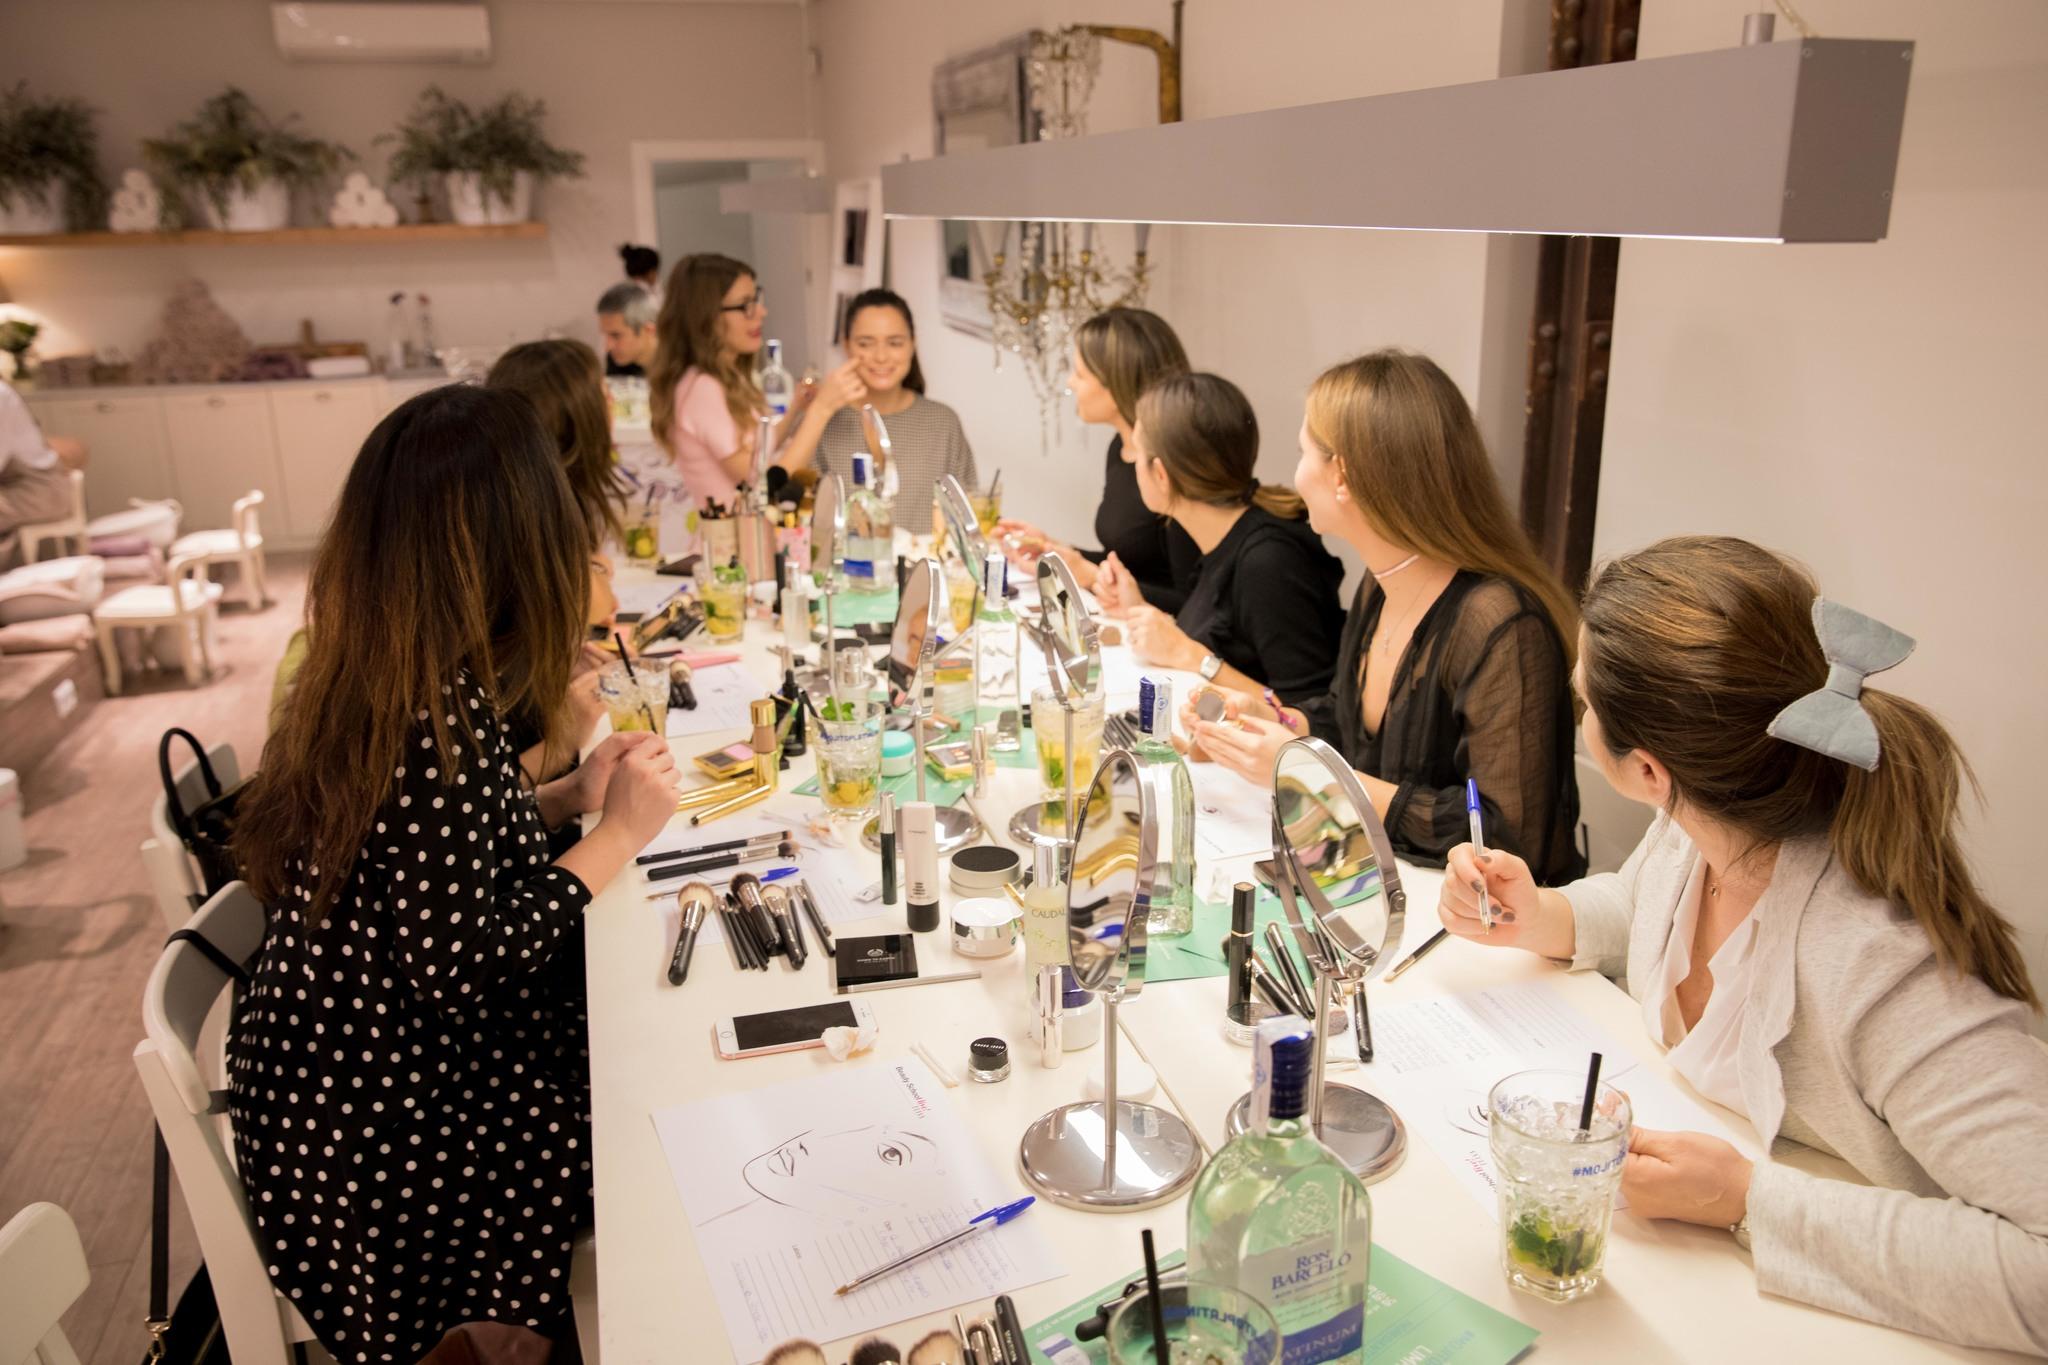 Así fue la primera sesión de Beauty School Live! en Madrid